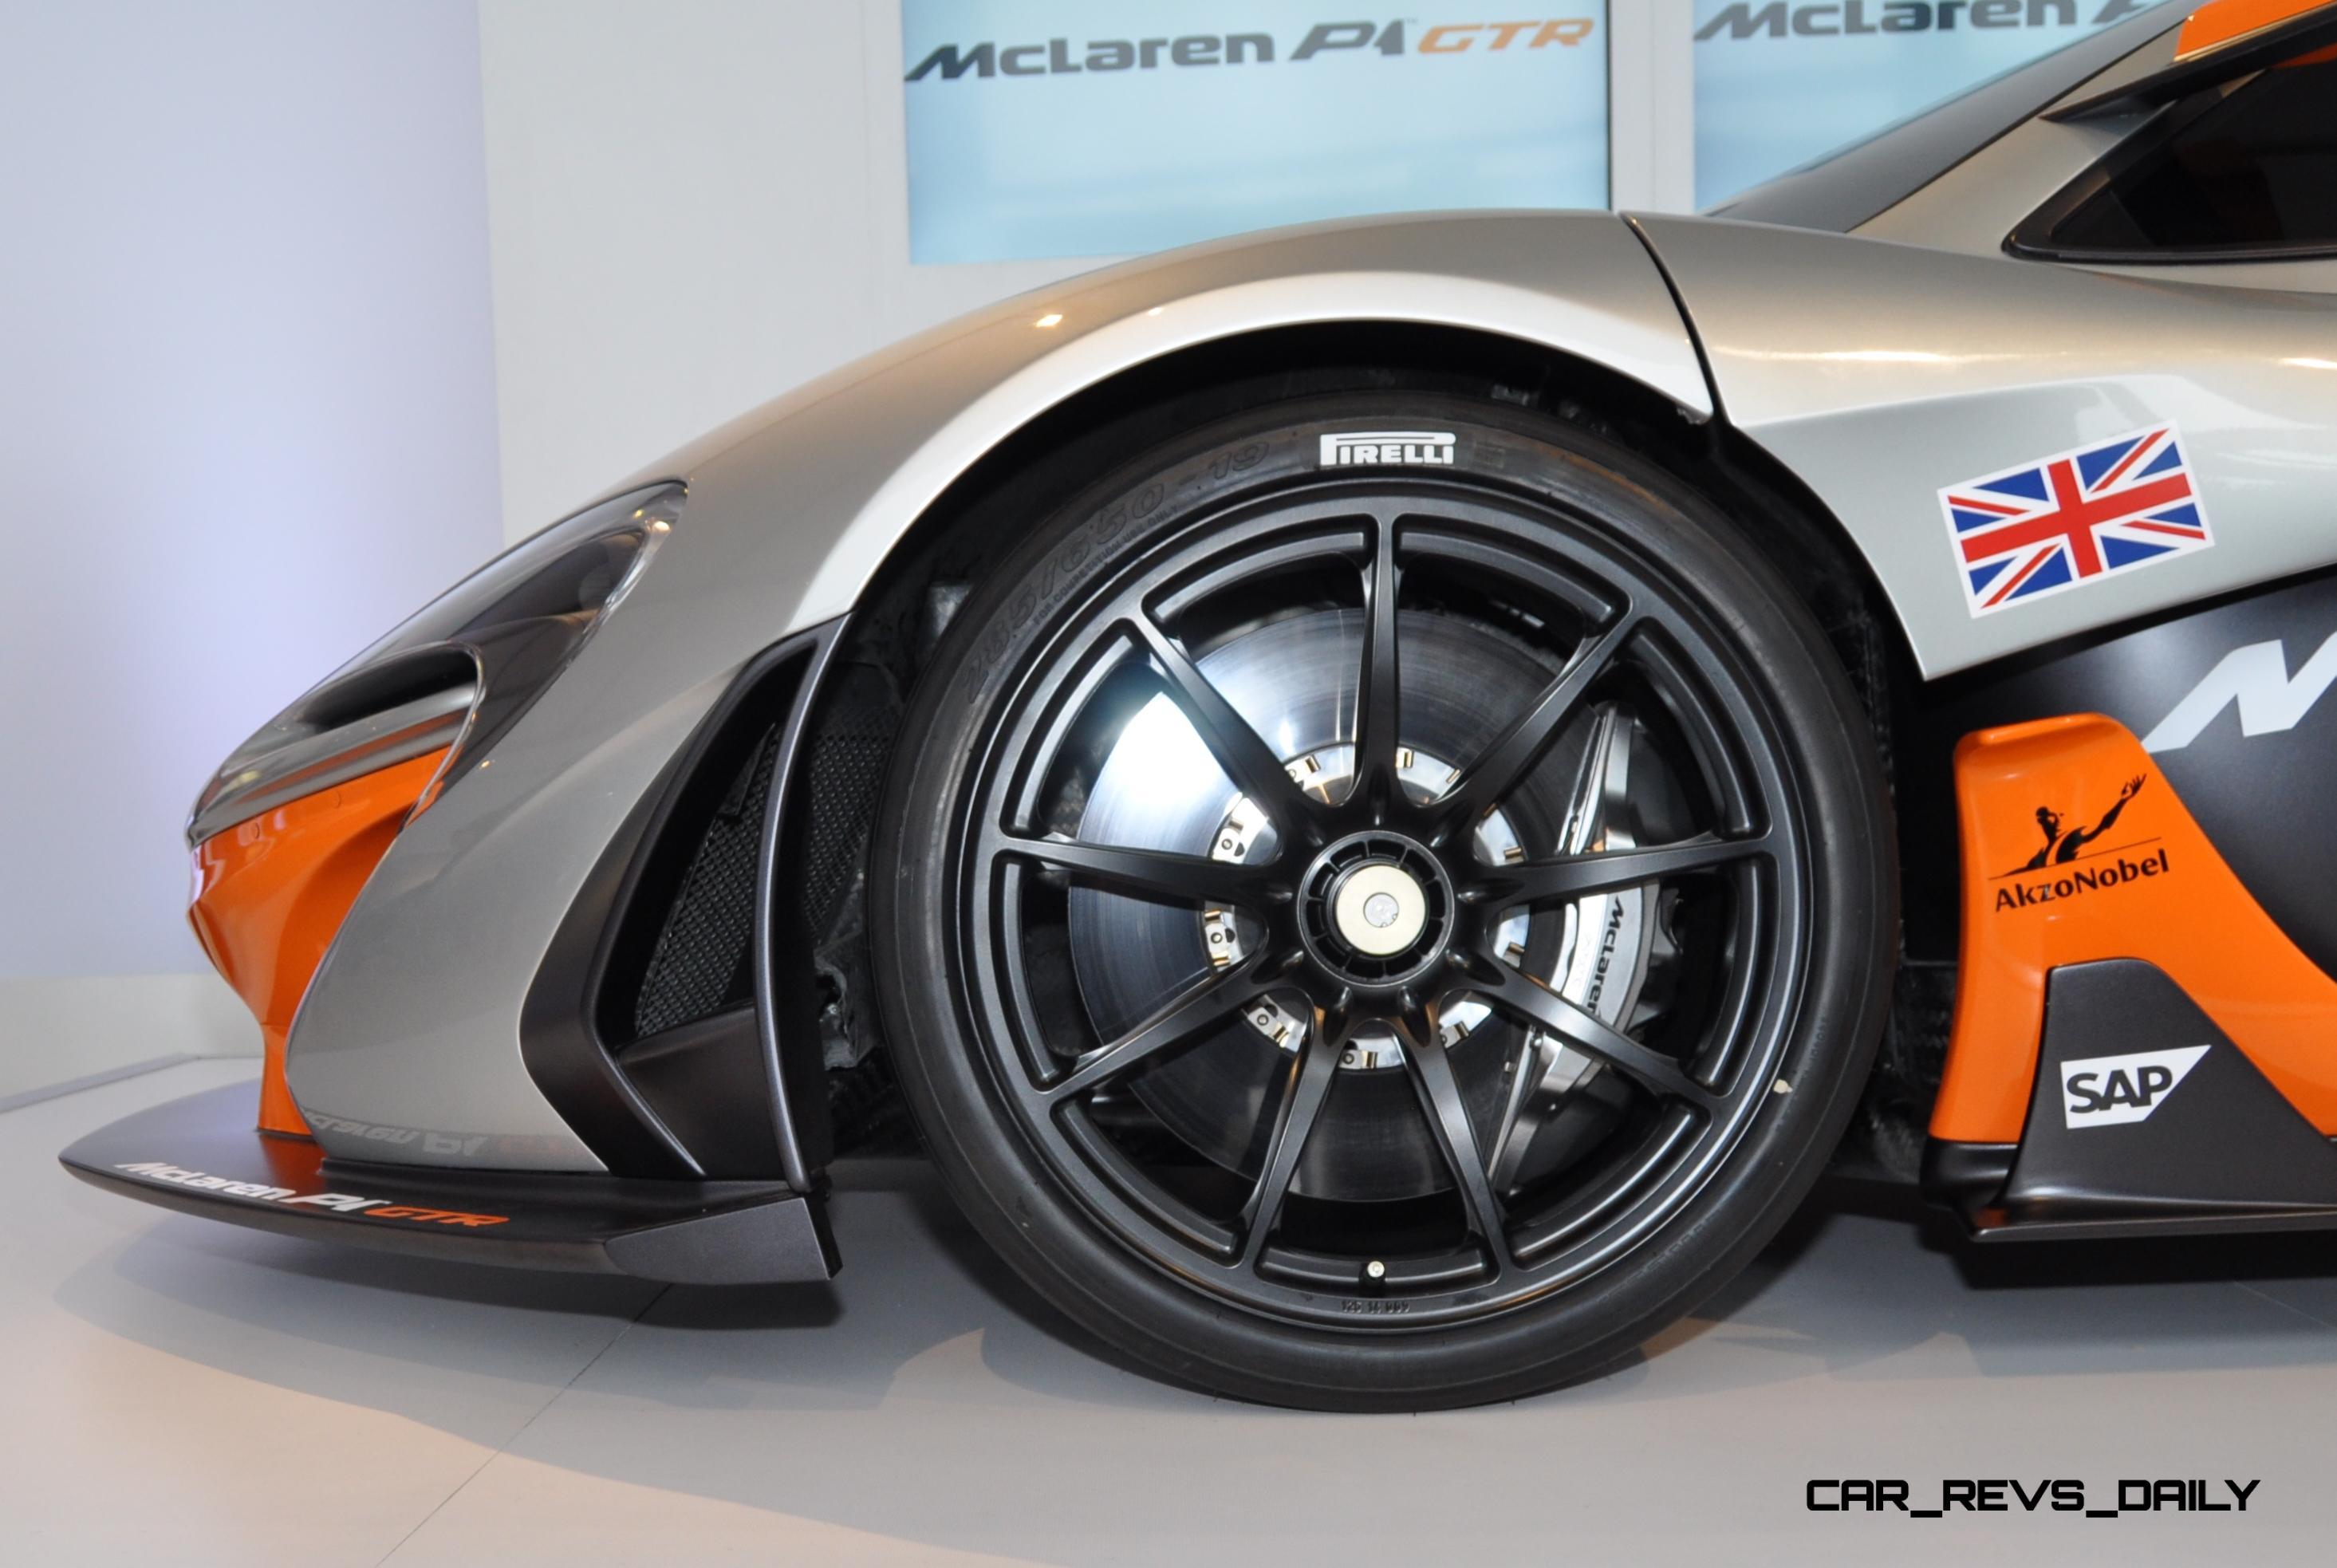 2015 McLaren P1 GTR - Pebble Beach World Debut in 55 High-Res Photos 37